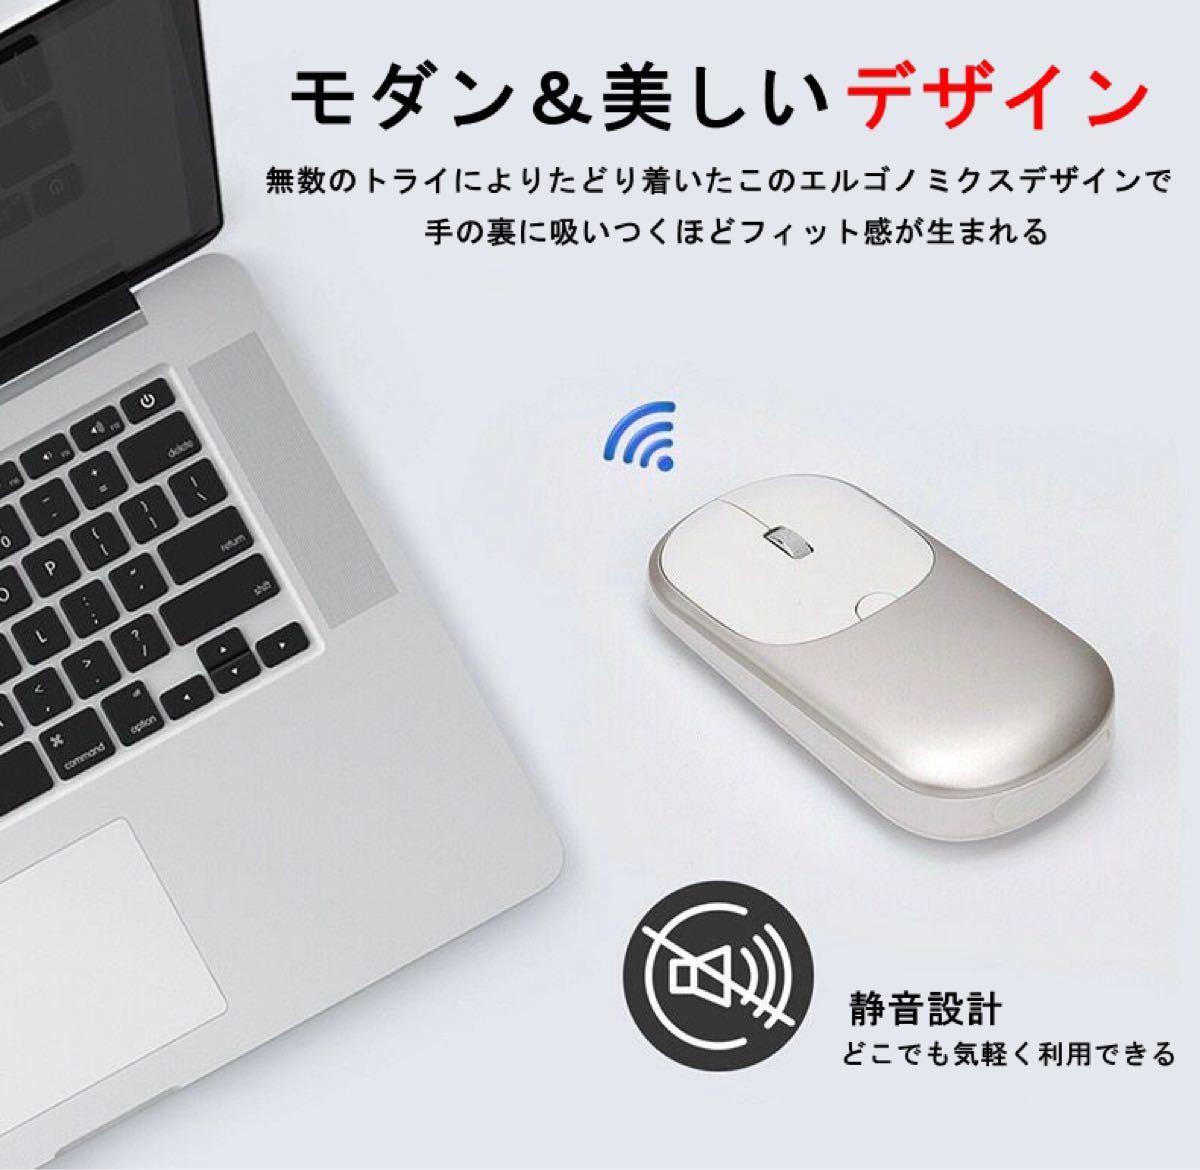 ワイヤレスマウス 充電式 薄型 Bluetoothマウス